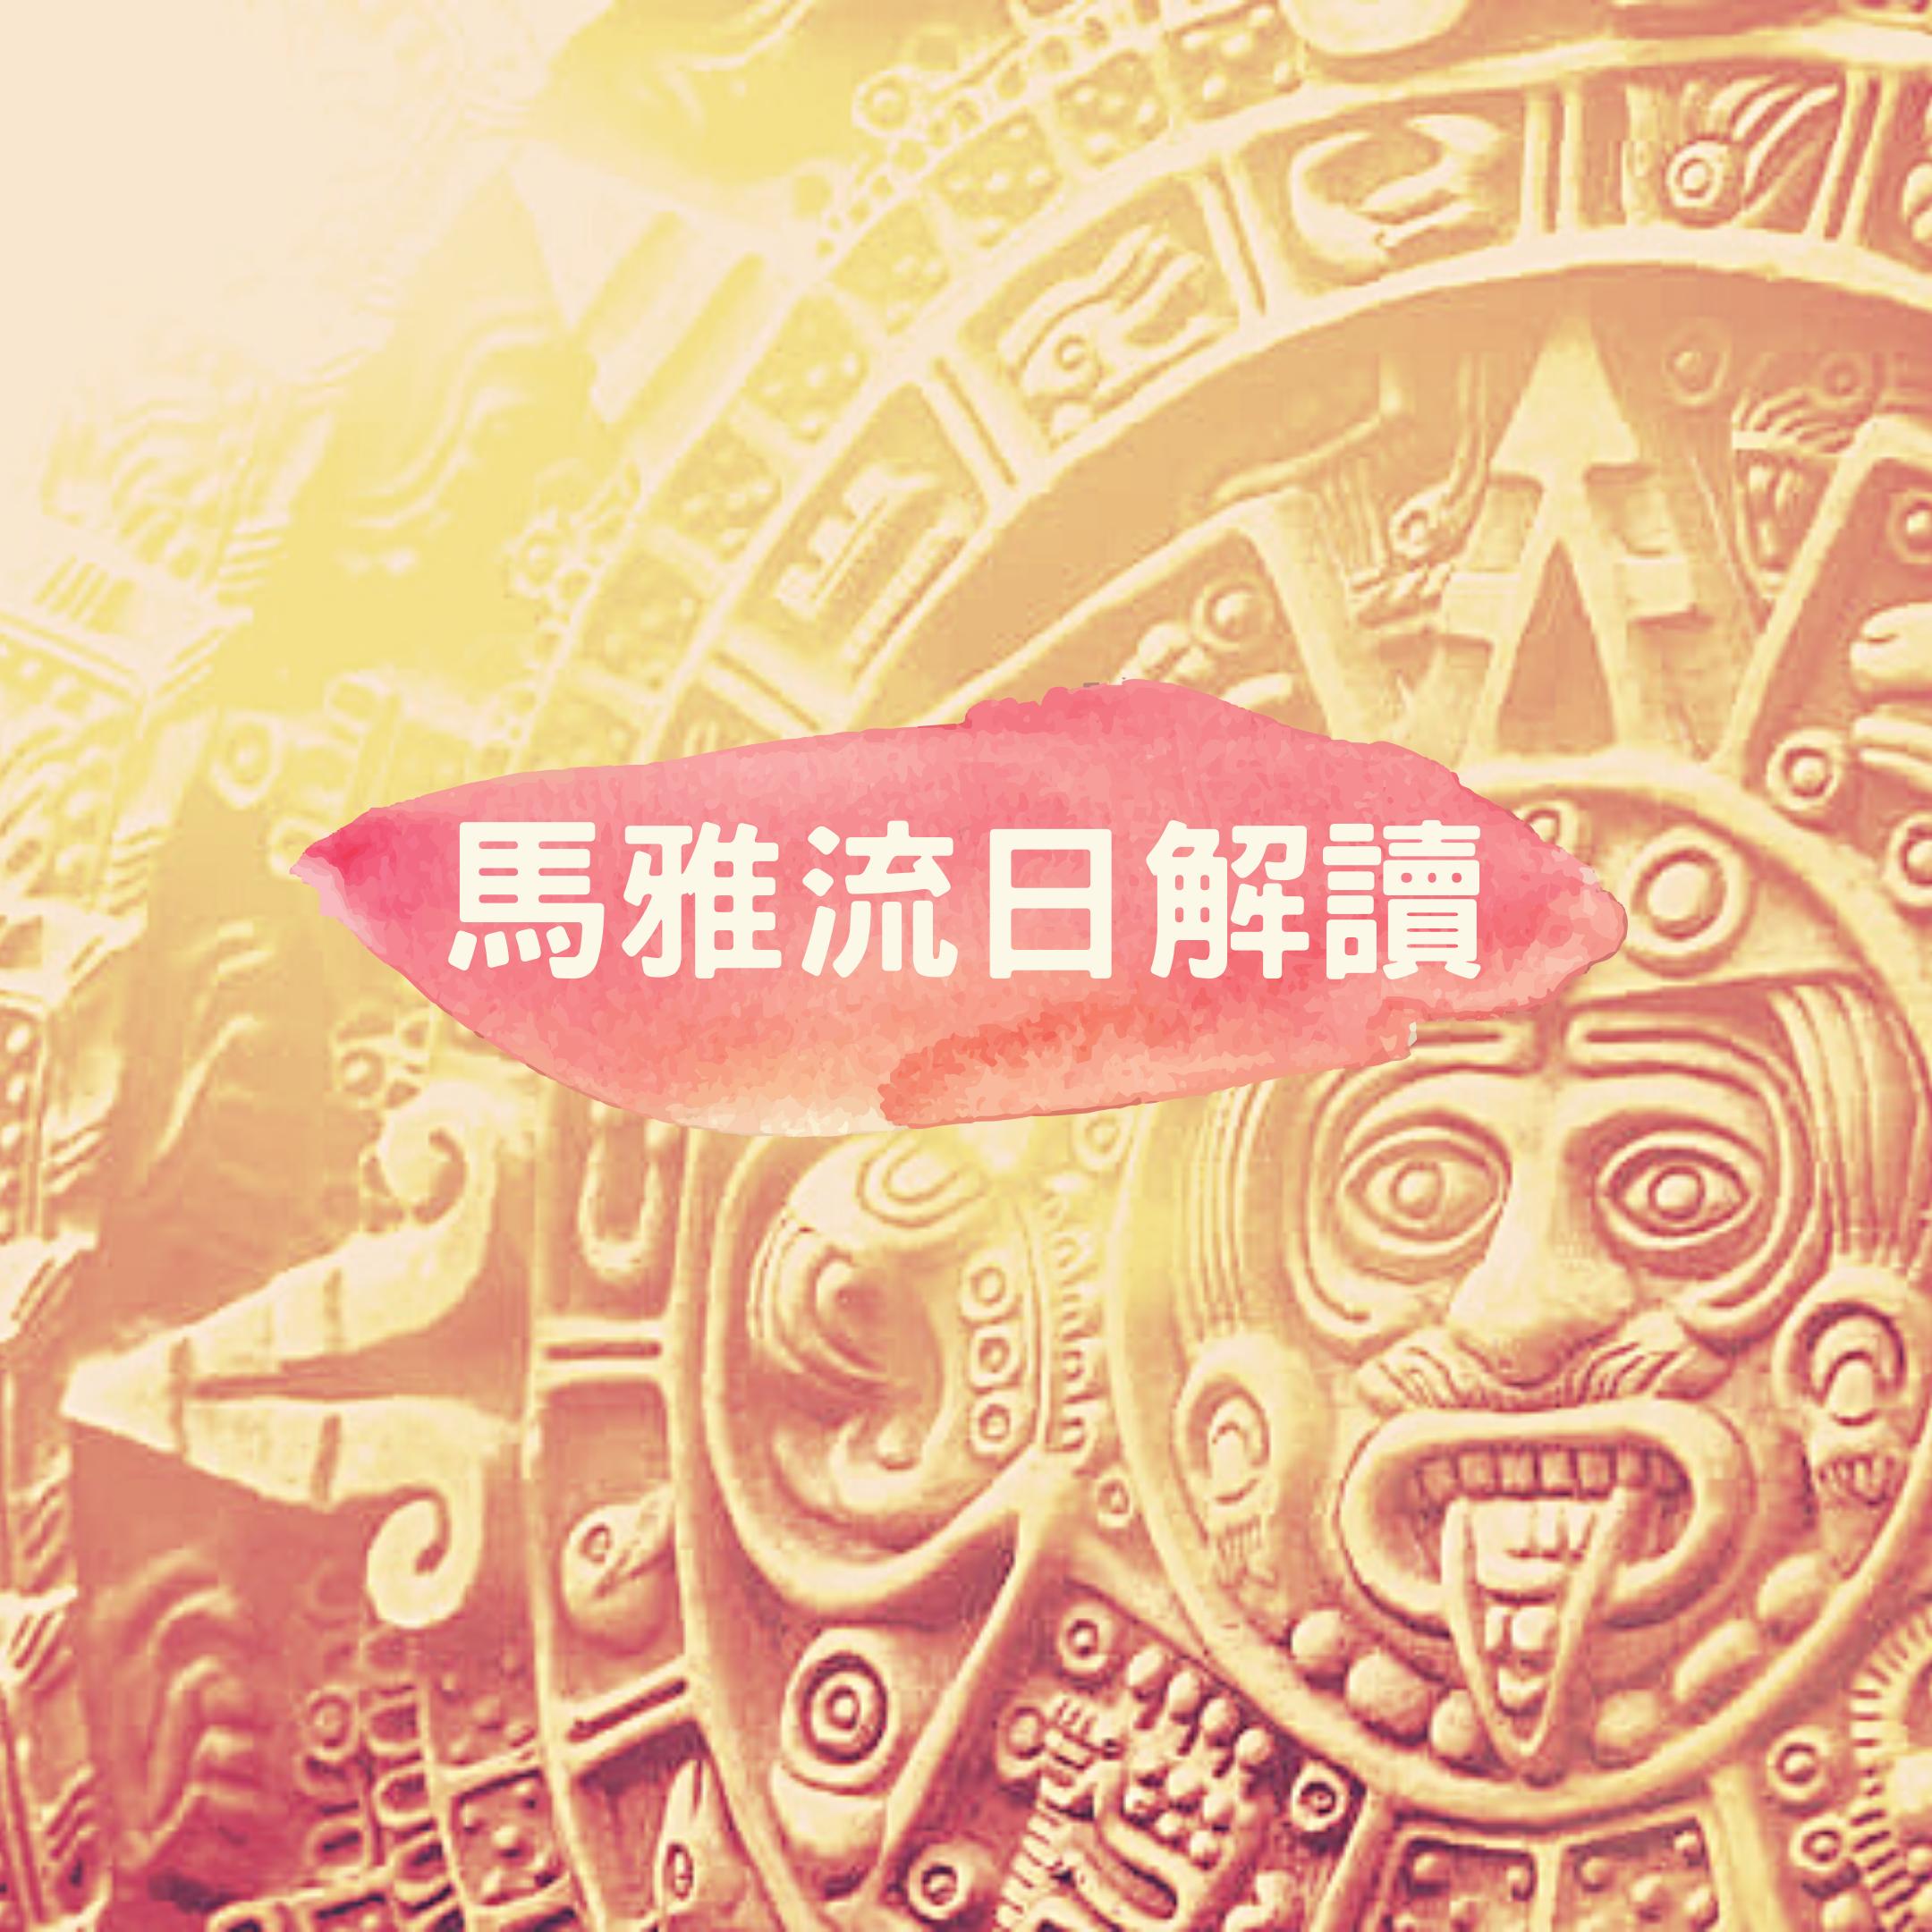 馬雅流日10.12|kin 197 月亮紅地球